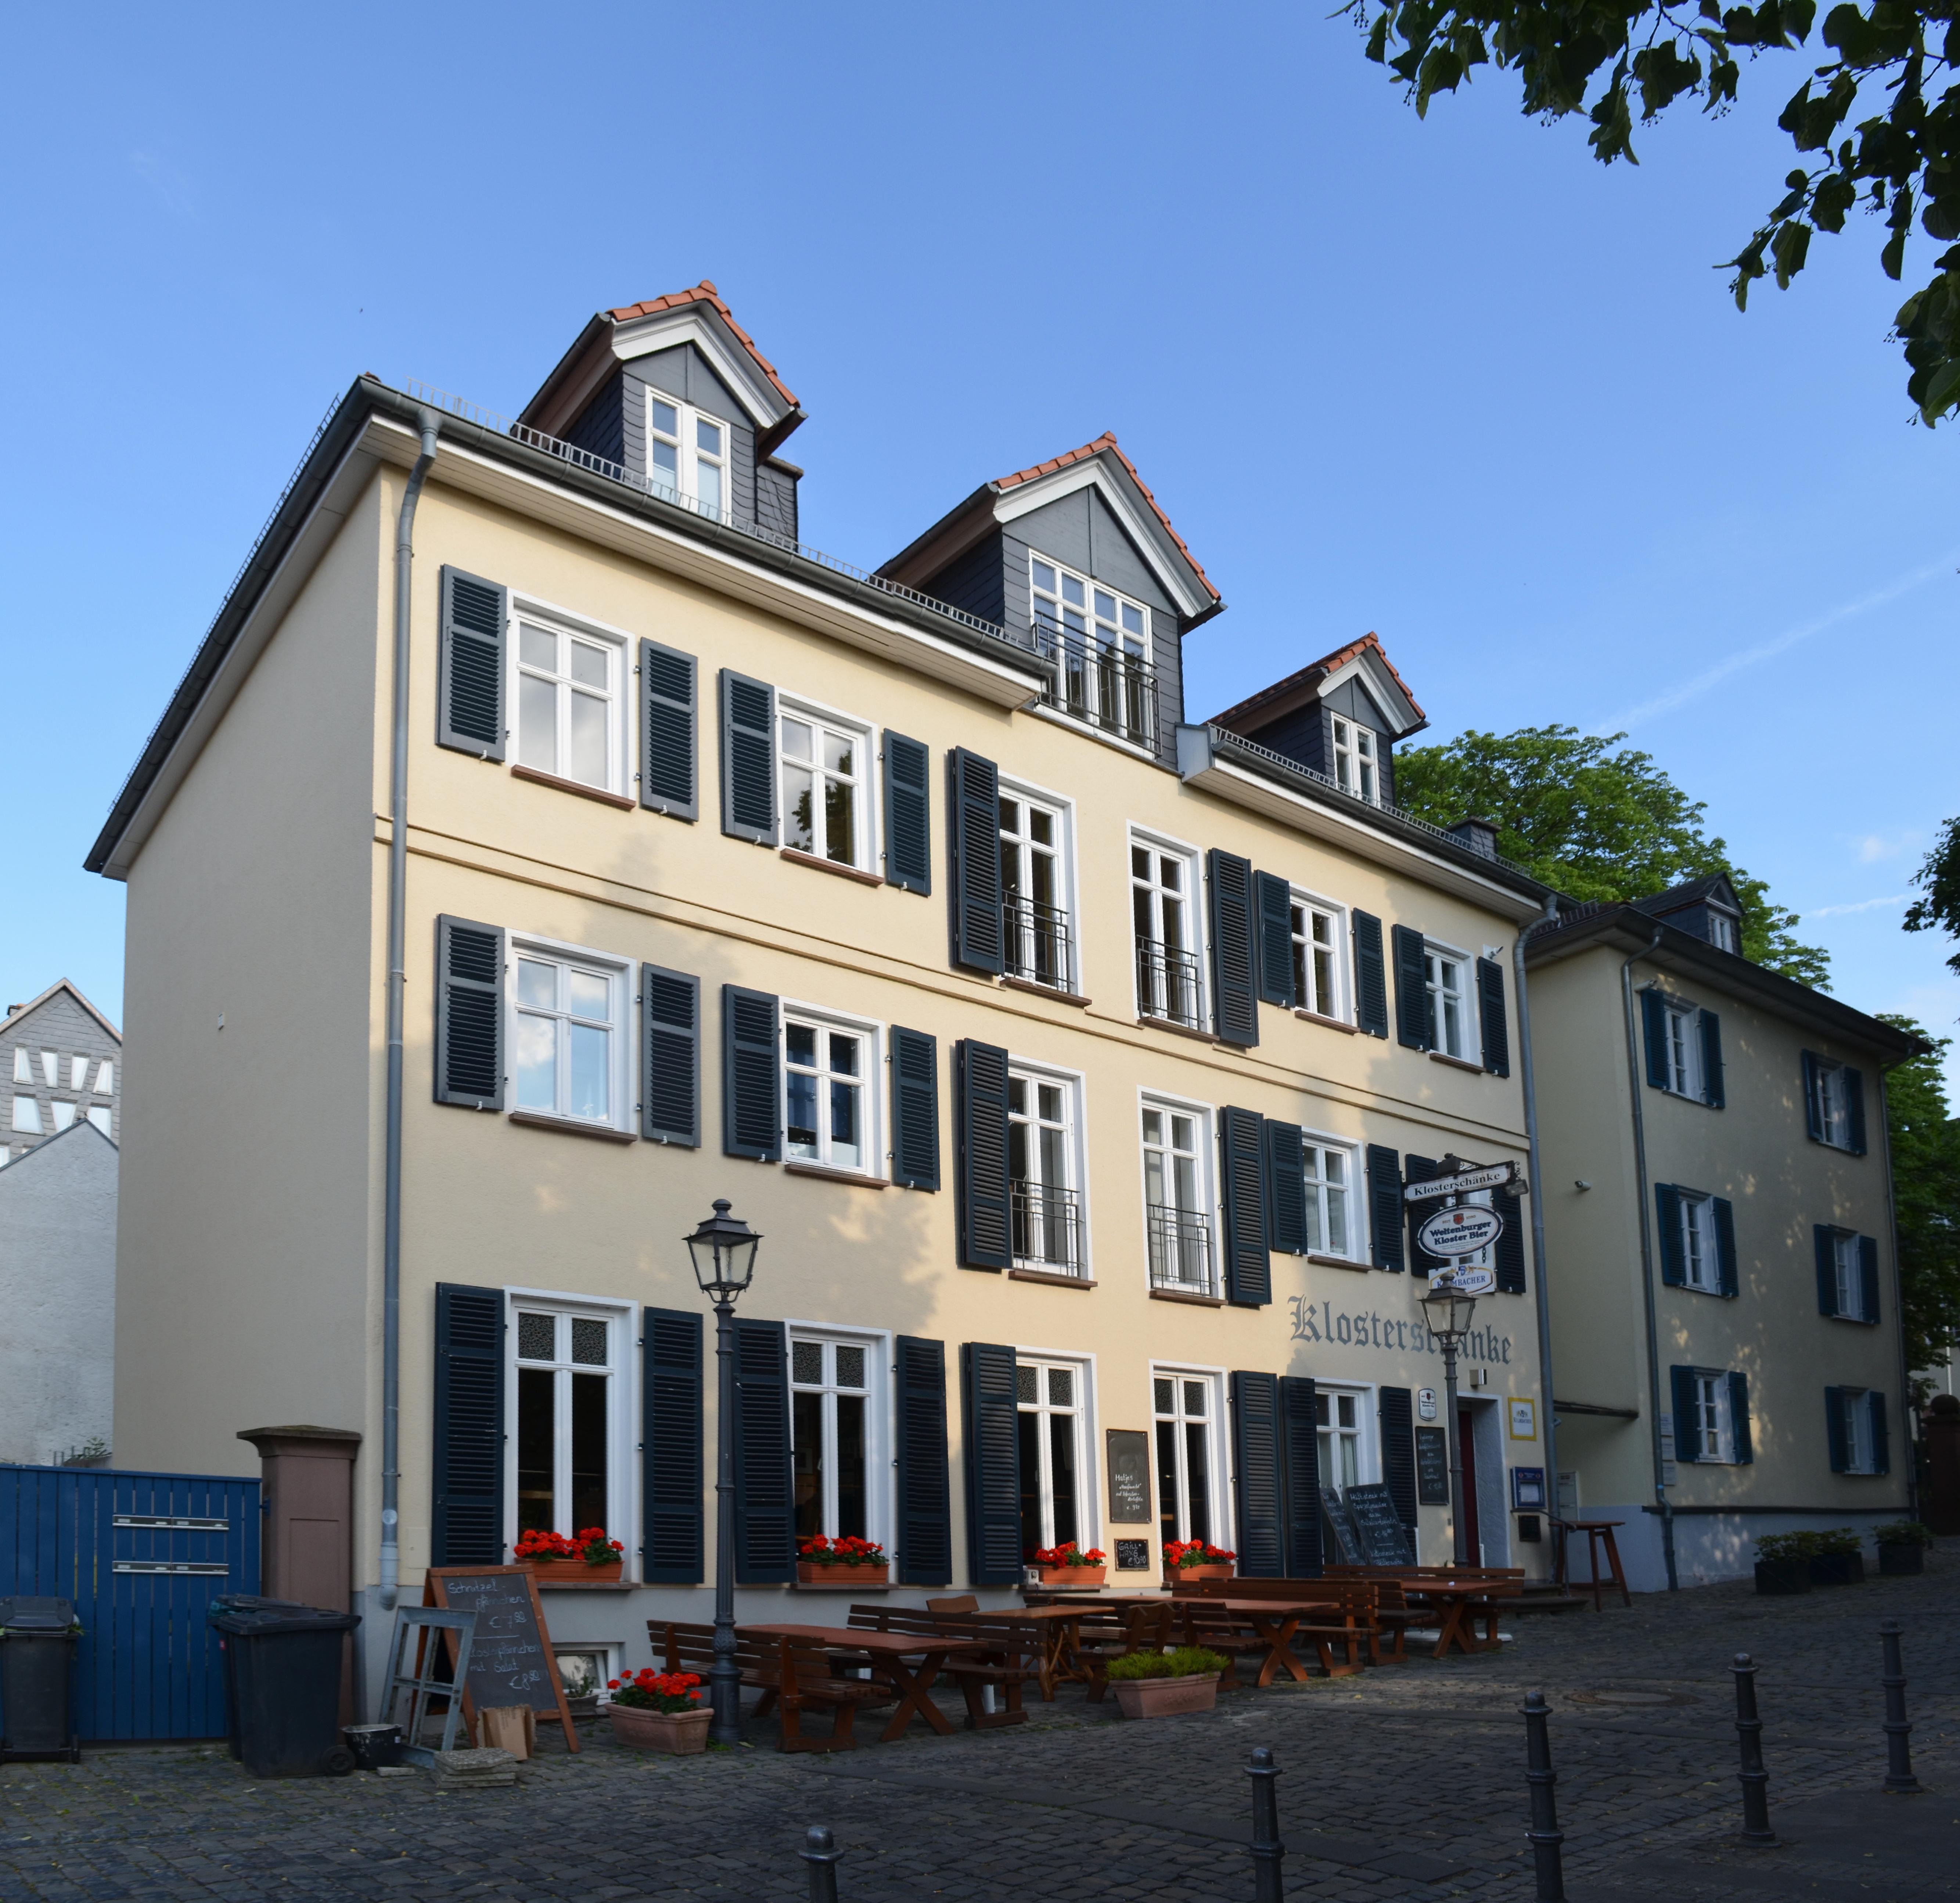 Datei:Bad Homburg, Herrngasse 1, Klosterschänke (1).jpg – Wikipedia